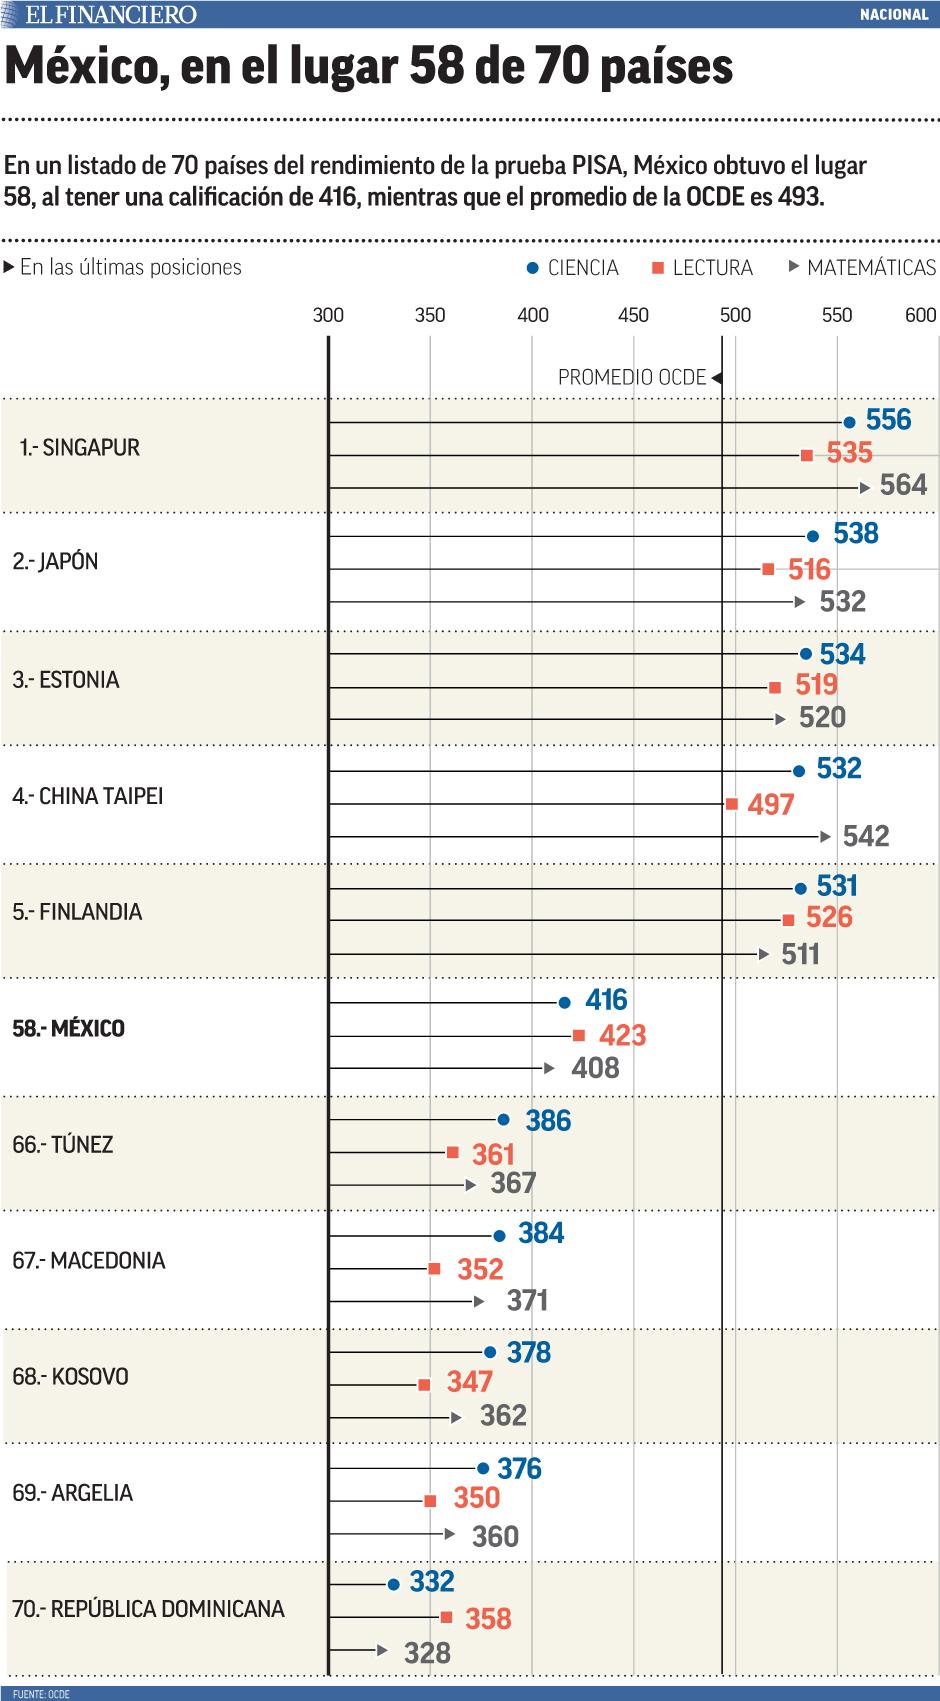 OCDE_500PX.jpg